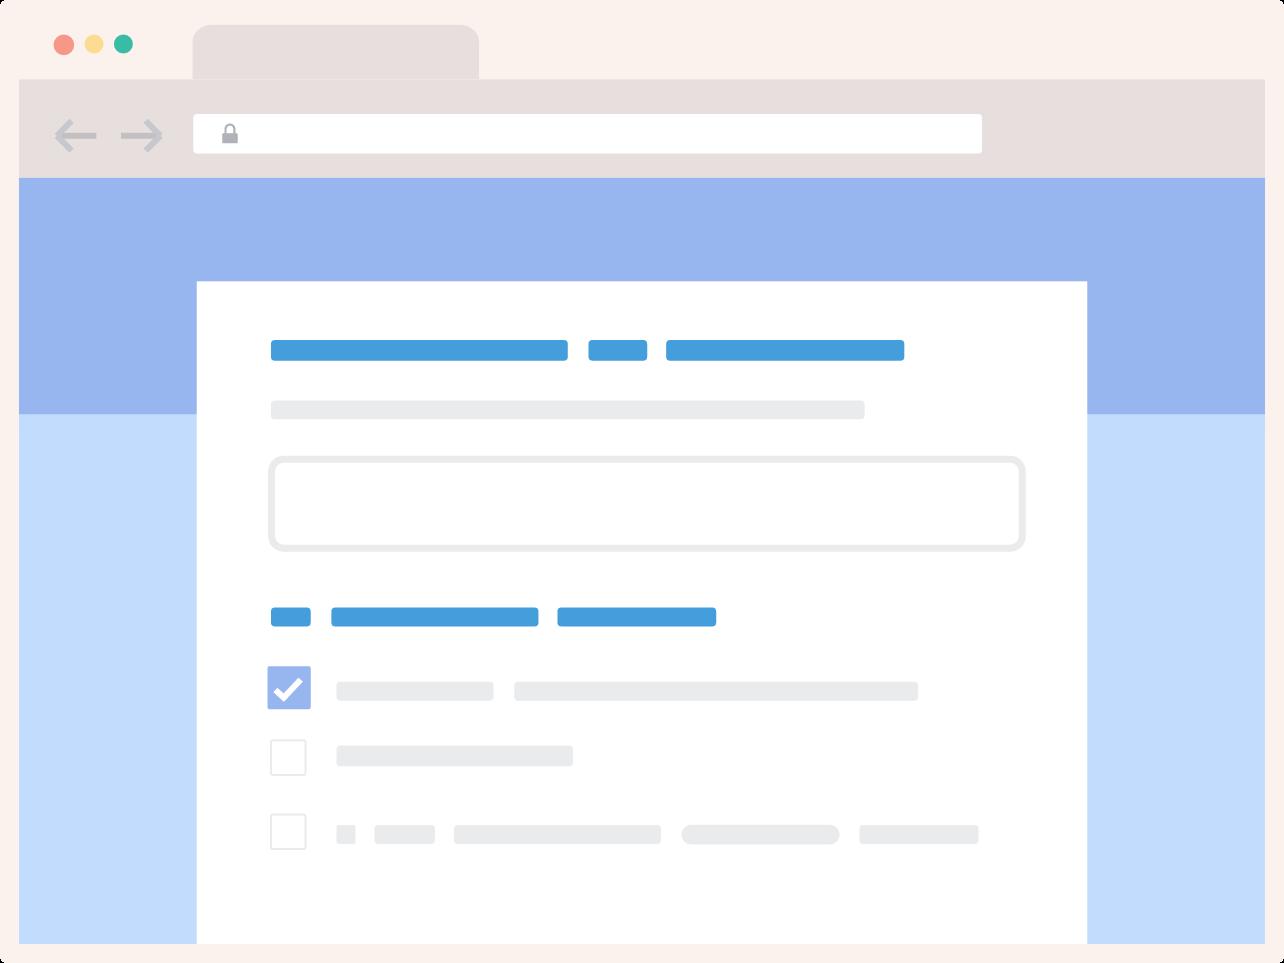 Envie email marketing de pesquisa com formulários do Google